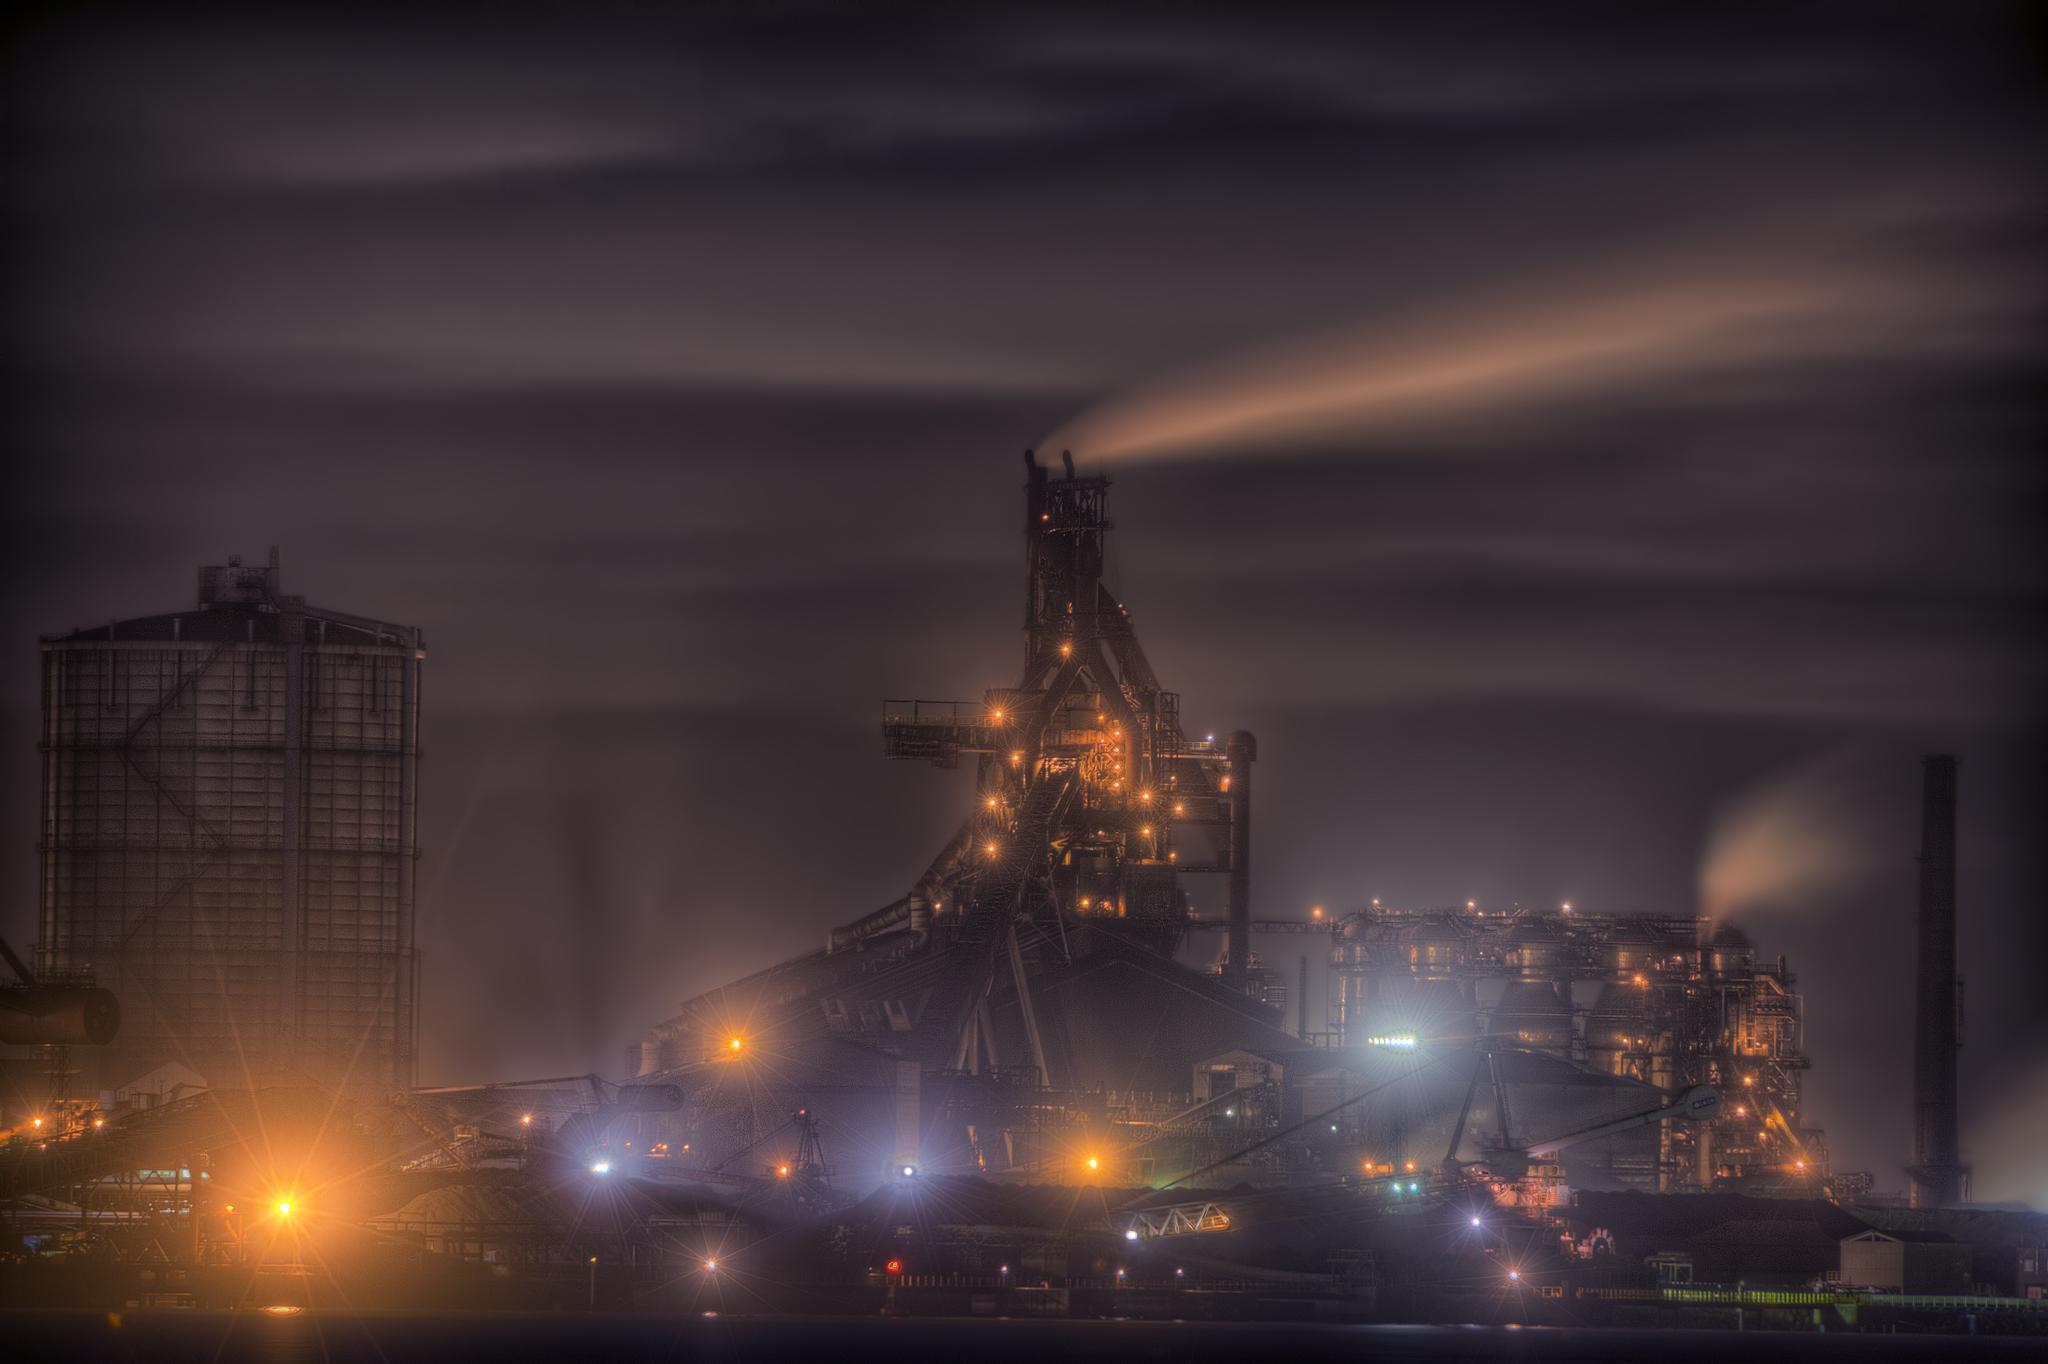 木更津港より高炉3+2048